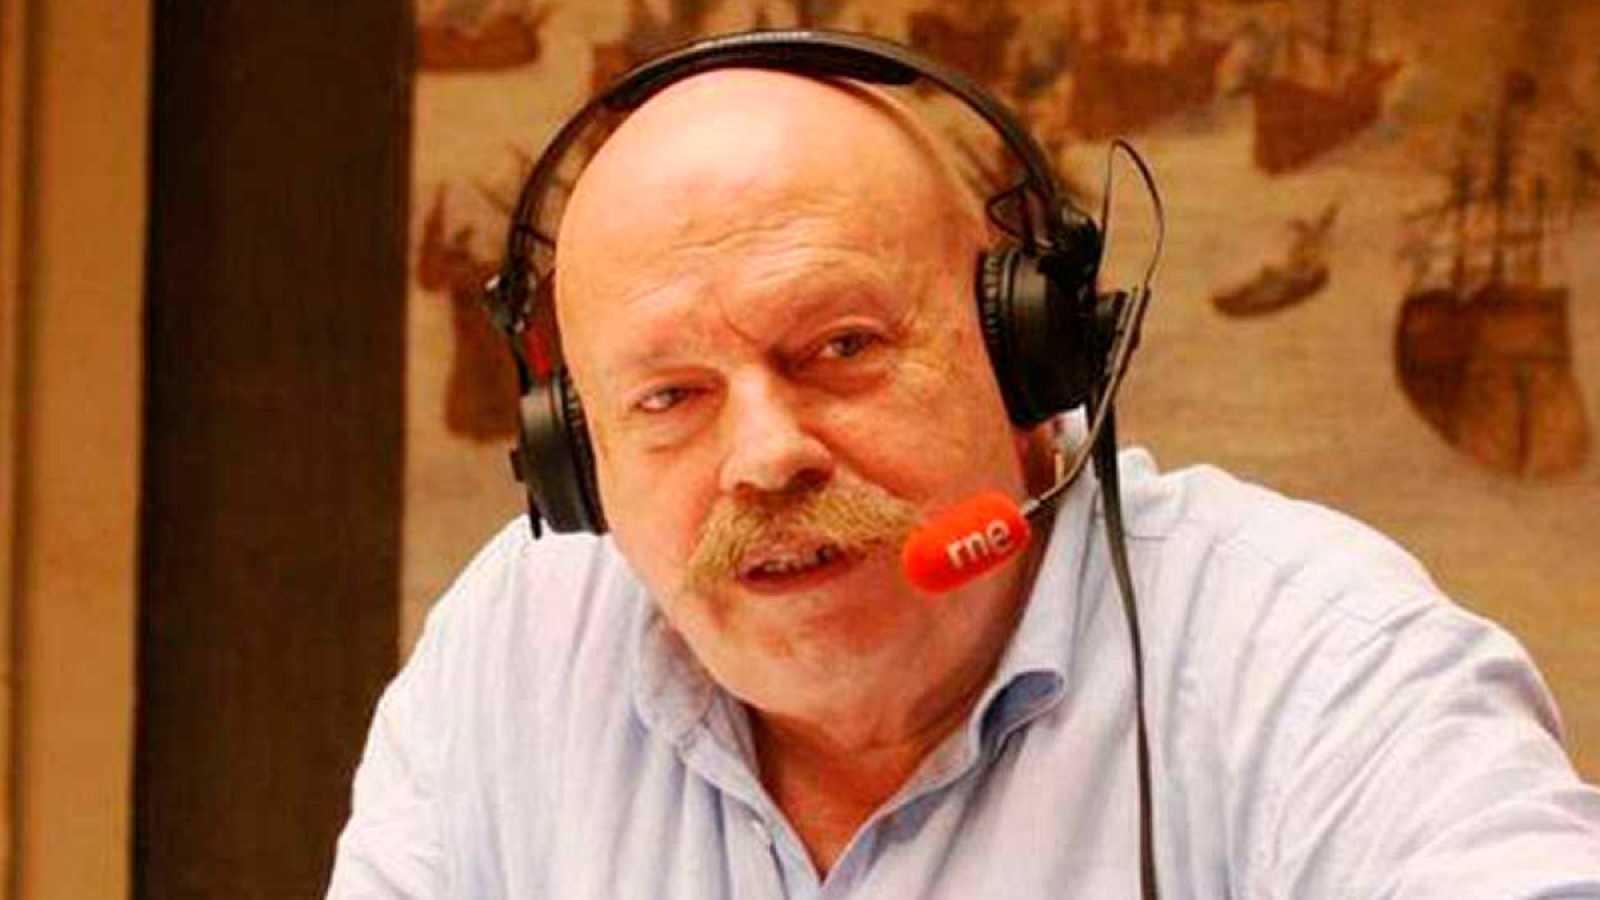 Pepa Fernández da a conocer la noticia de la muerte de José María Íñigo